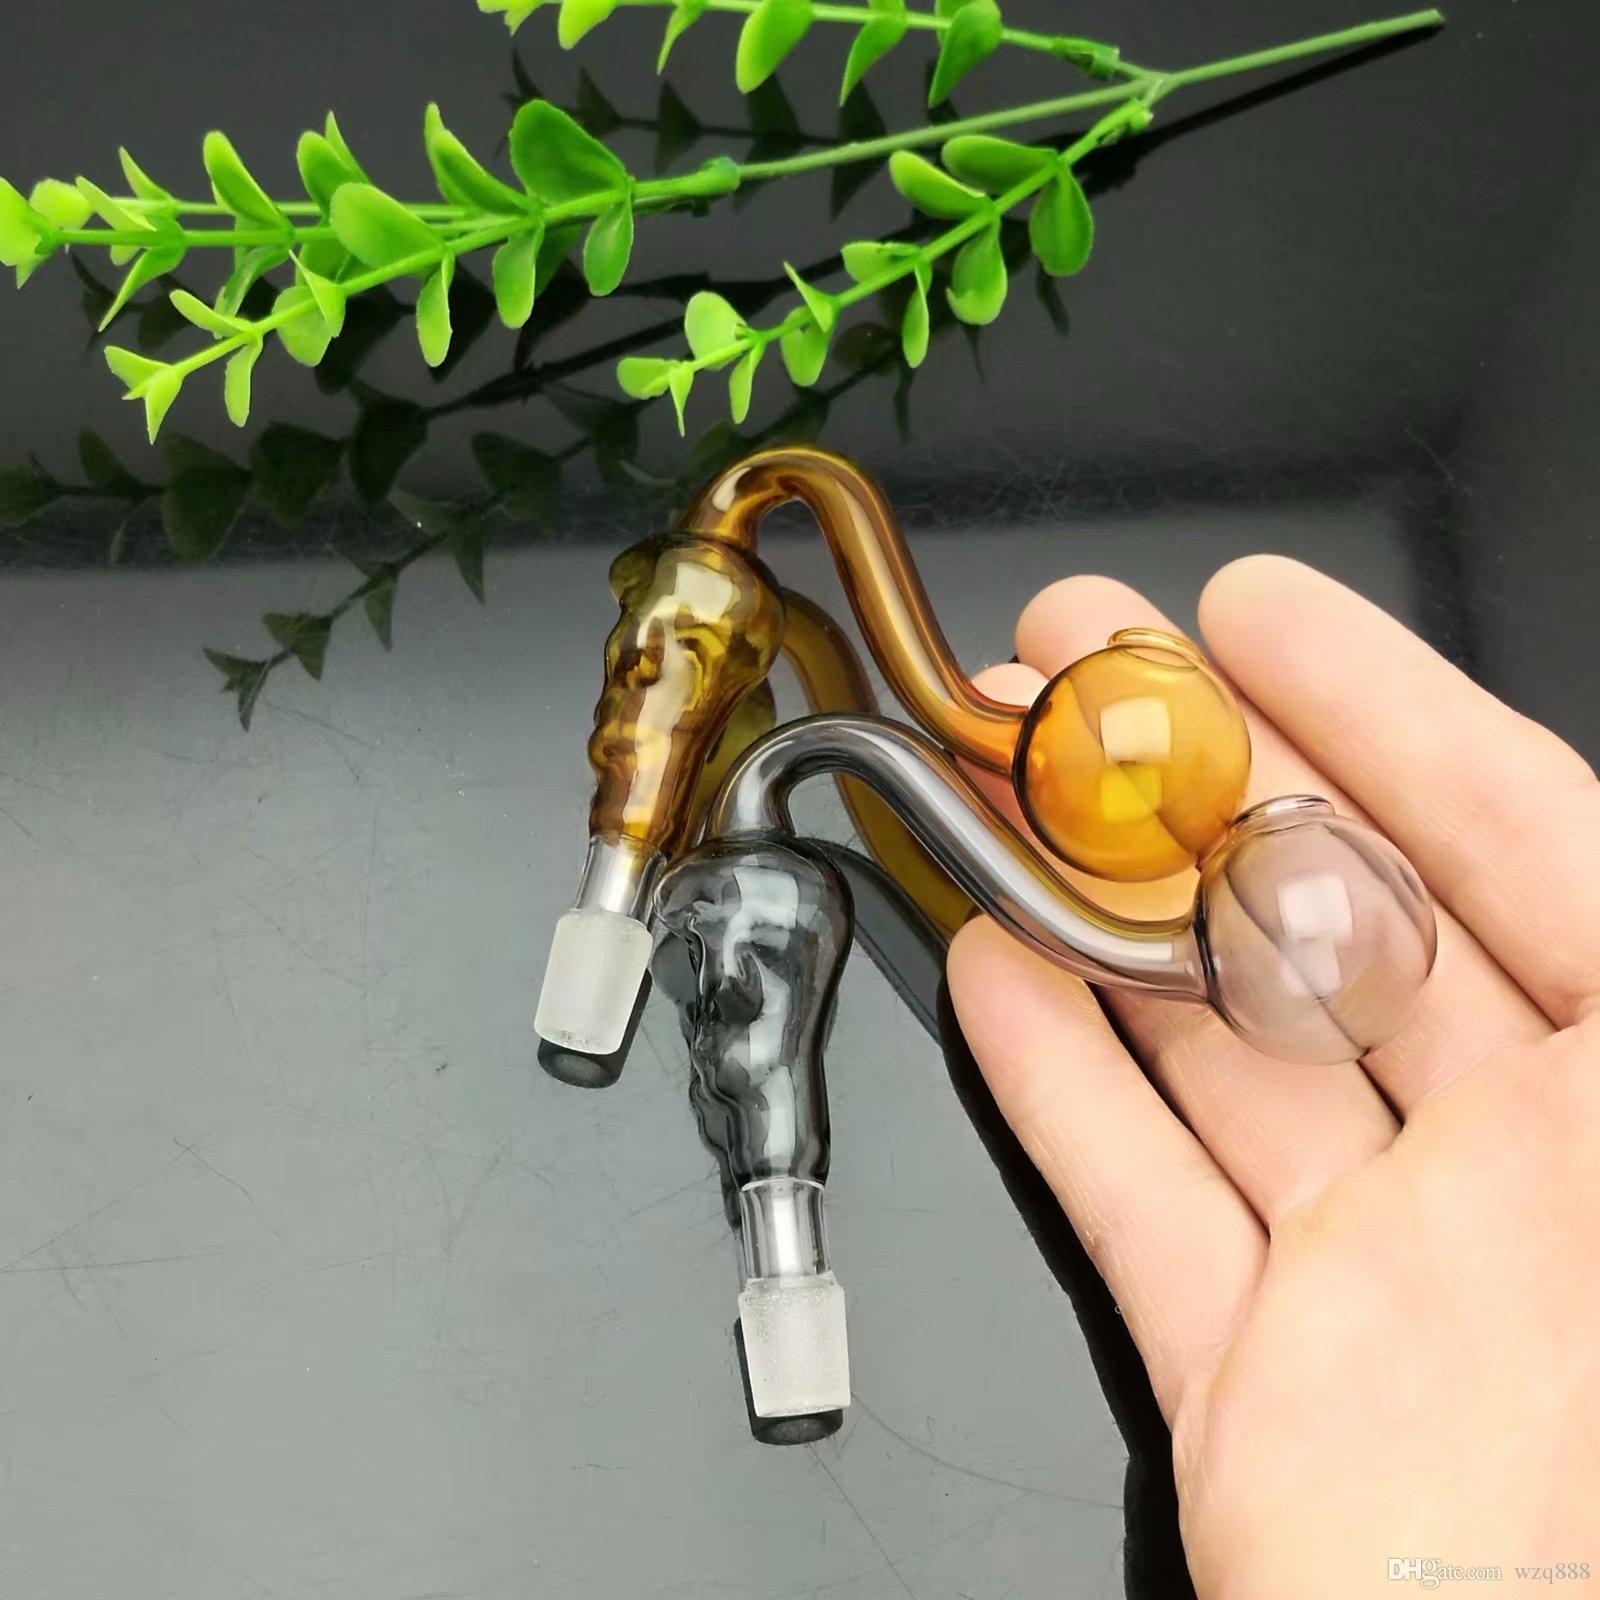 Coloured Skull Glass Burner Wholesale Bongs Oil Burner Pipes Water Pipes Glass Pipe Oil Rigs Smoking Free Shipping